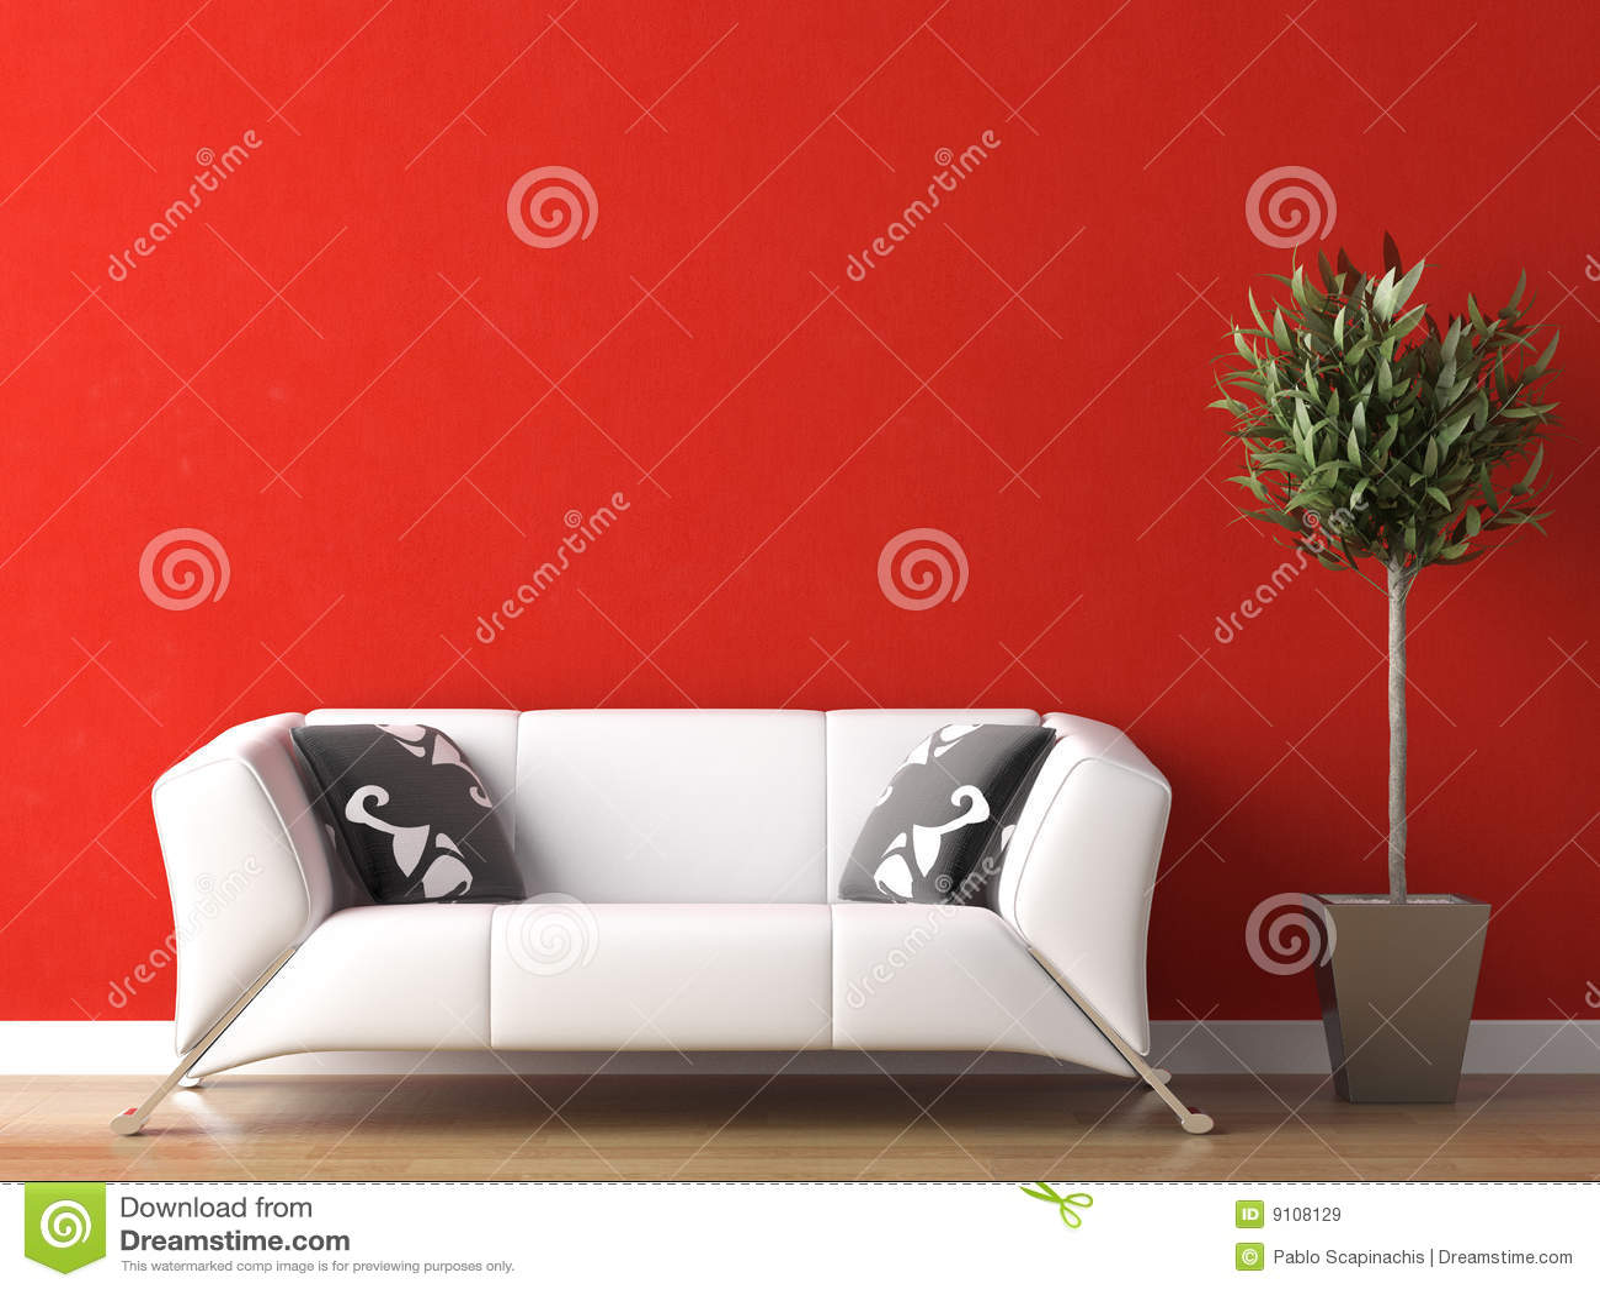 White för vägg för soffadesign inre röd